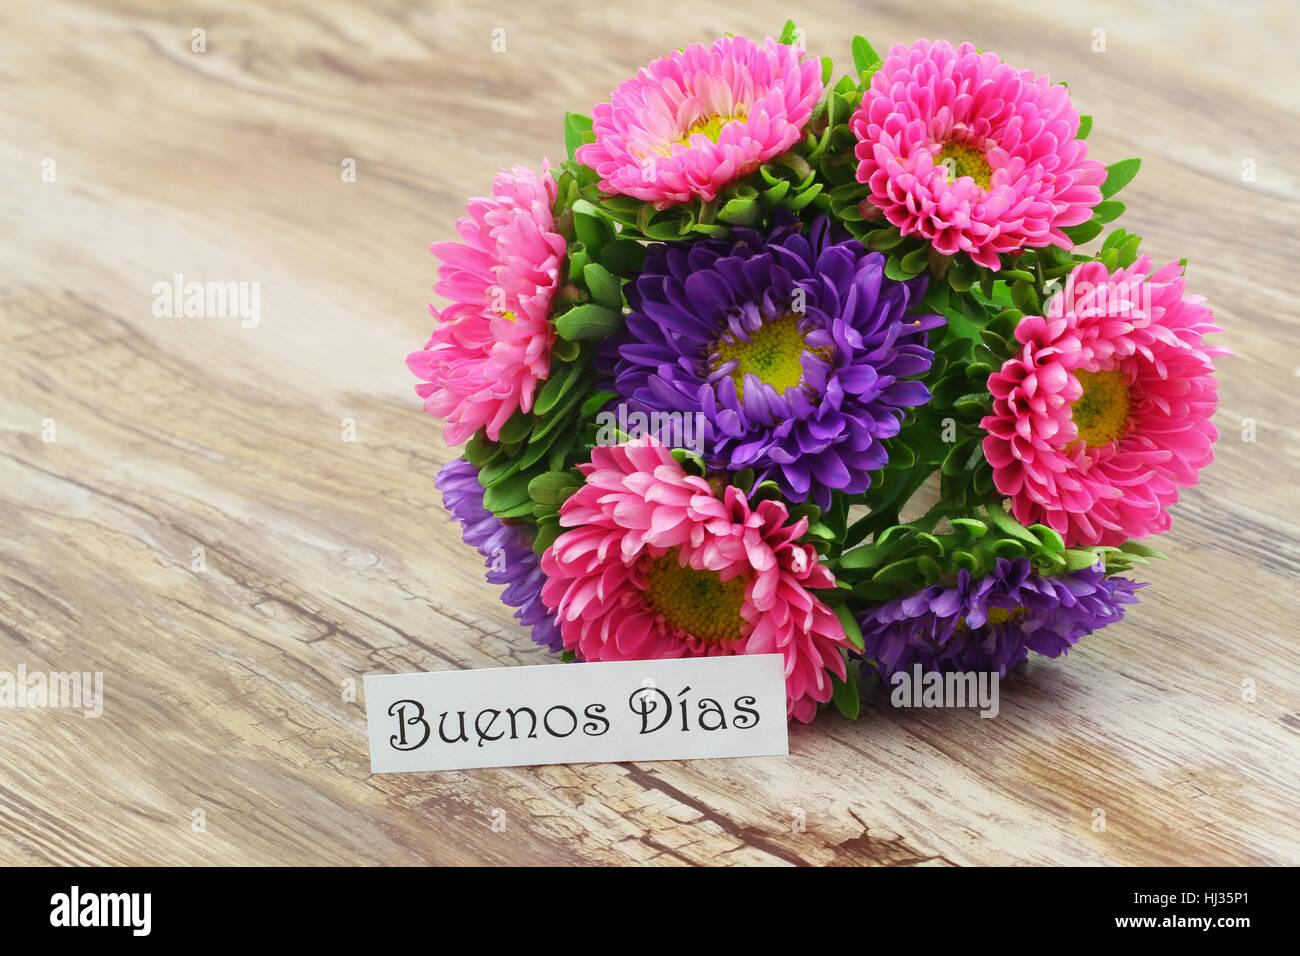 Mazzo Di Fiori In Spagnolo.Buenos Dias Buona Mattina In Spagnolo Card Con Colorati Daisy